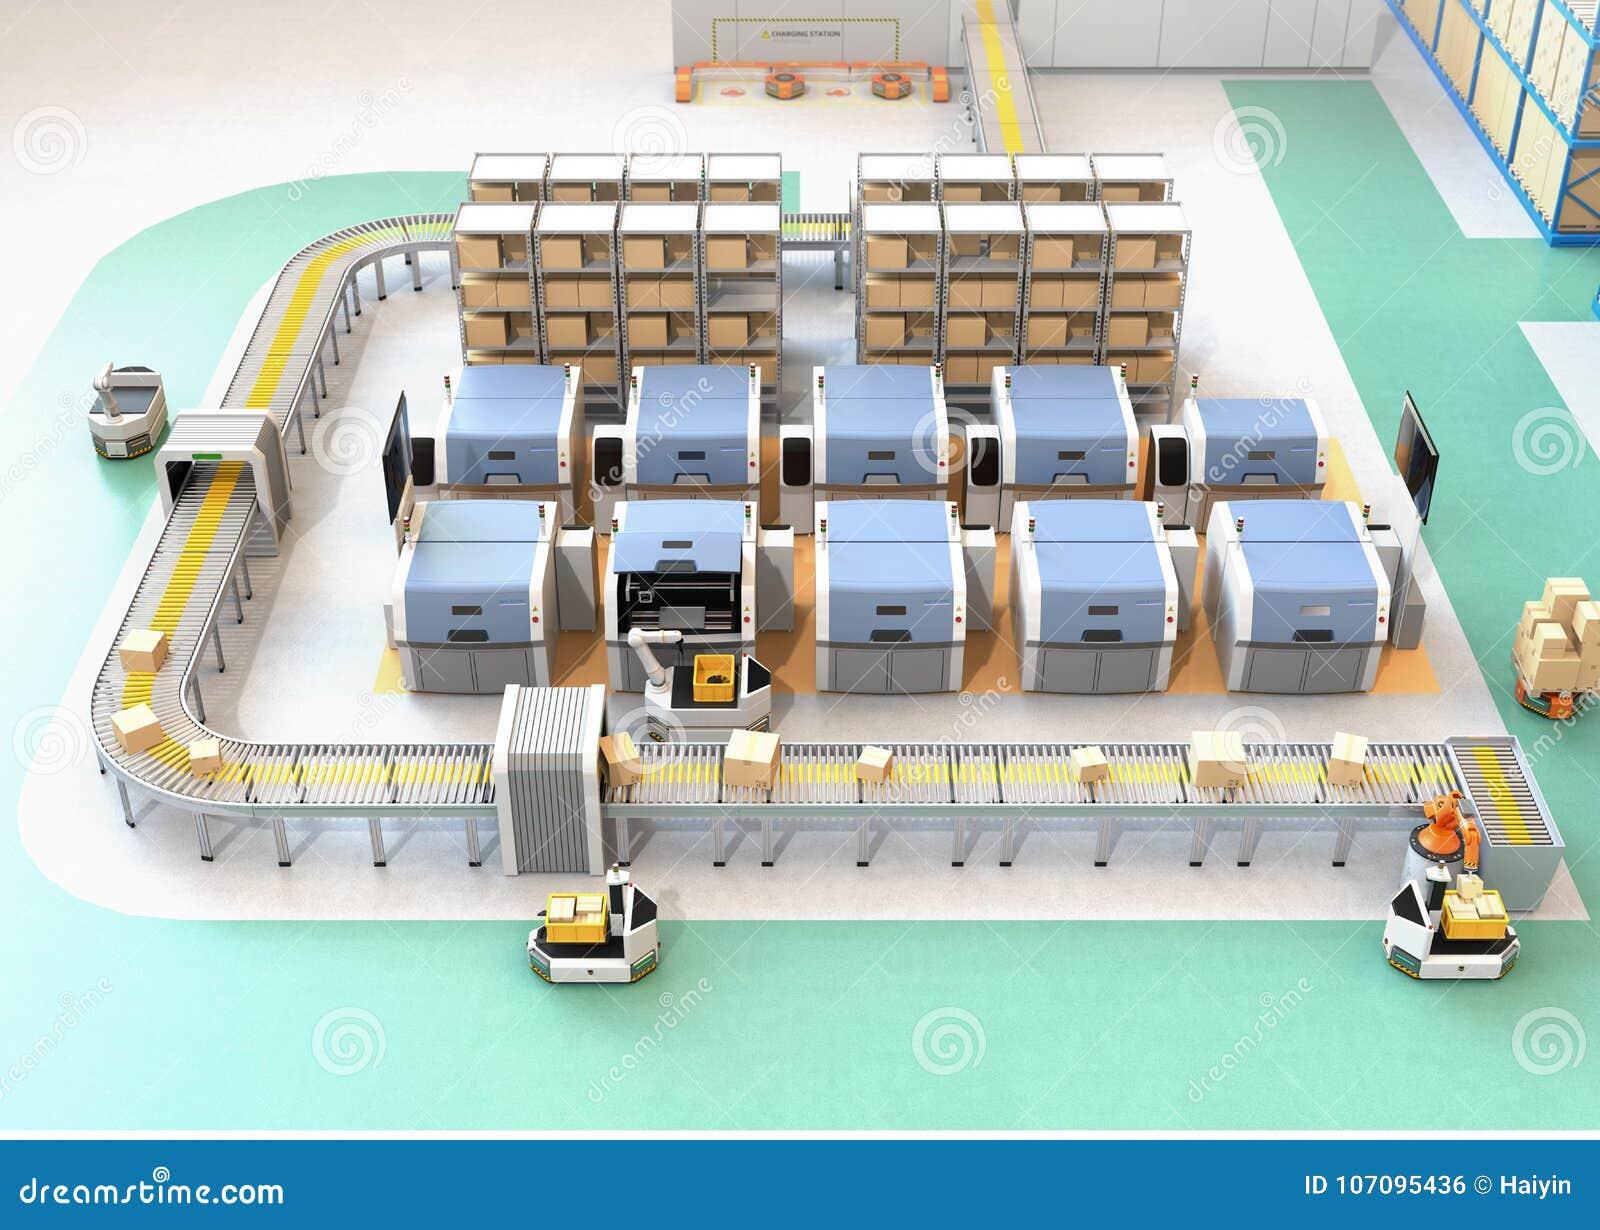 Slimme fabriek die met AGV, robotdrager, 3D printers en robotachtig het plukken systeem wordt uitgerust